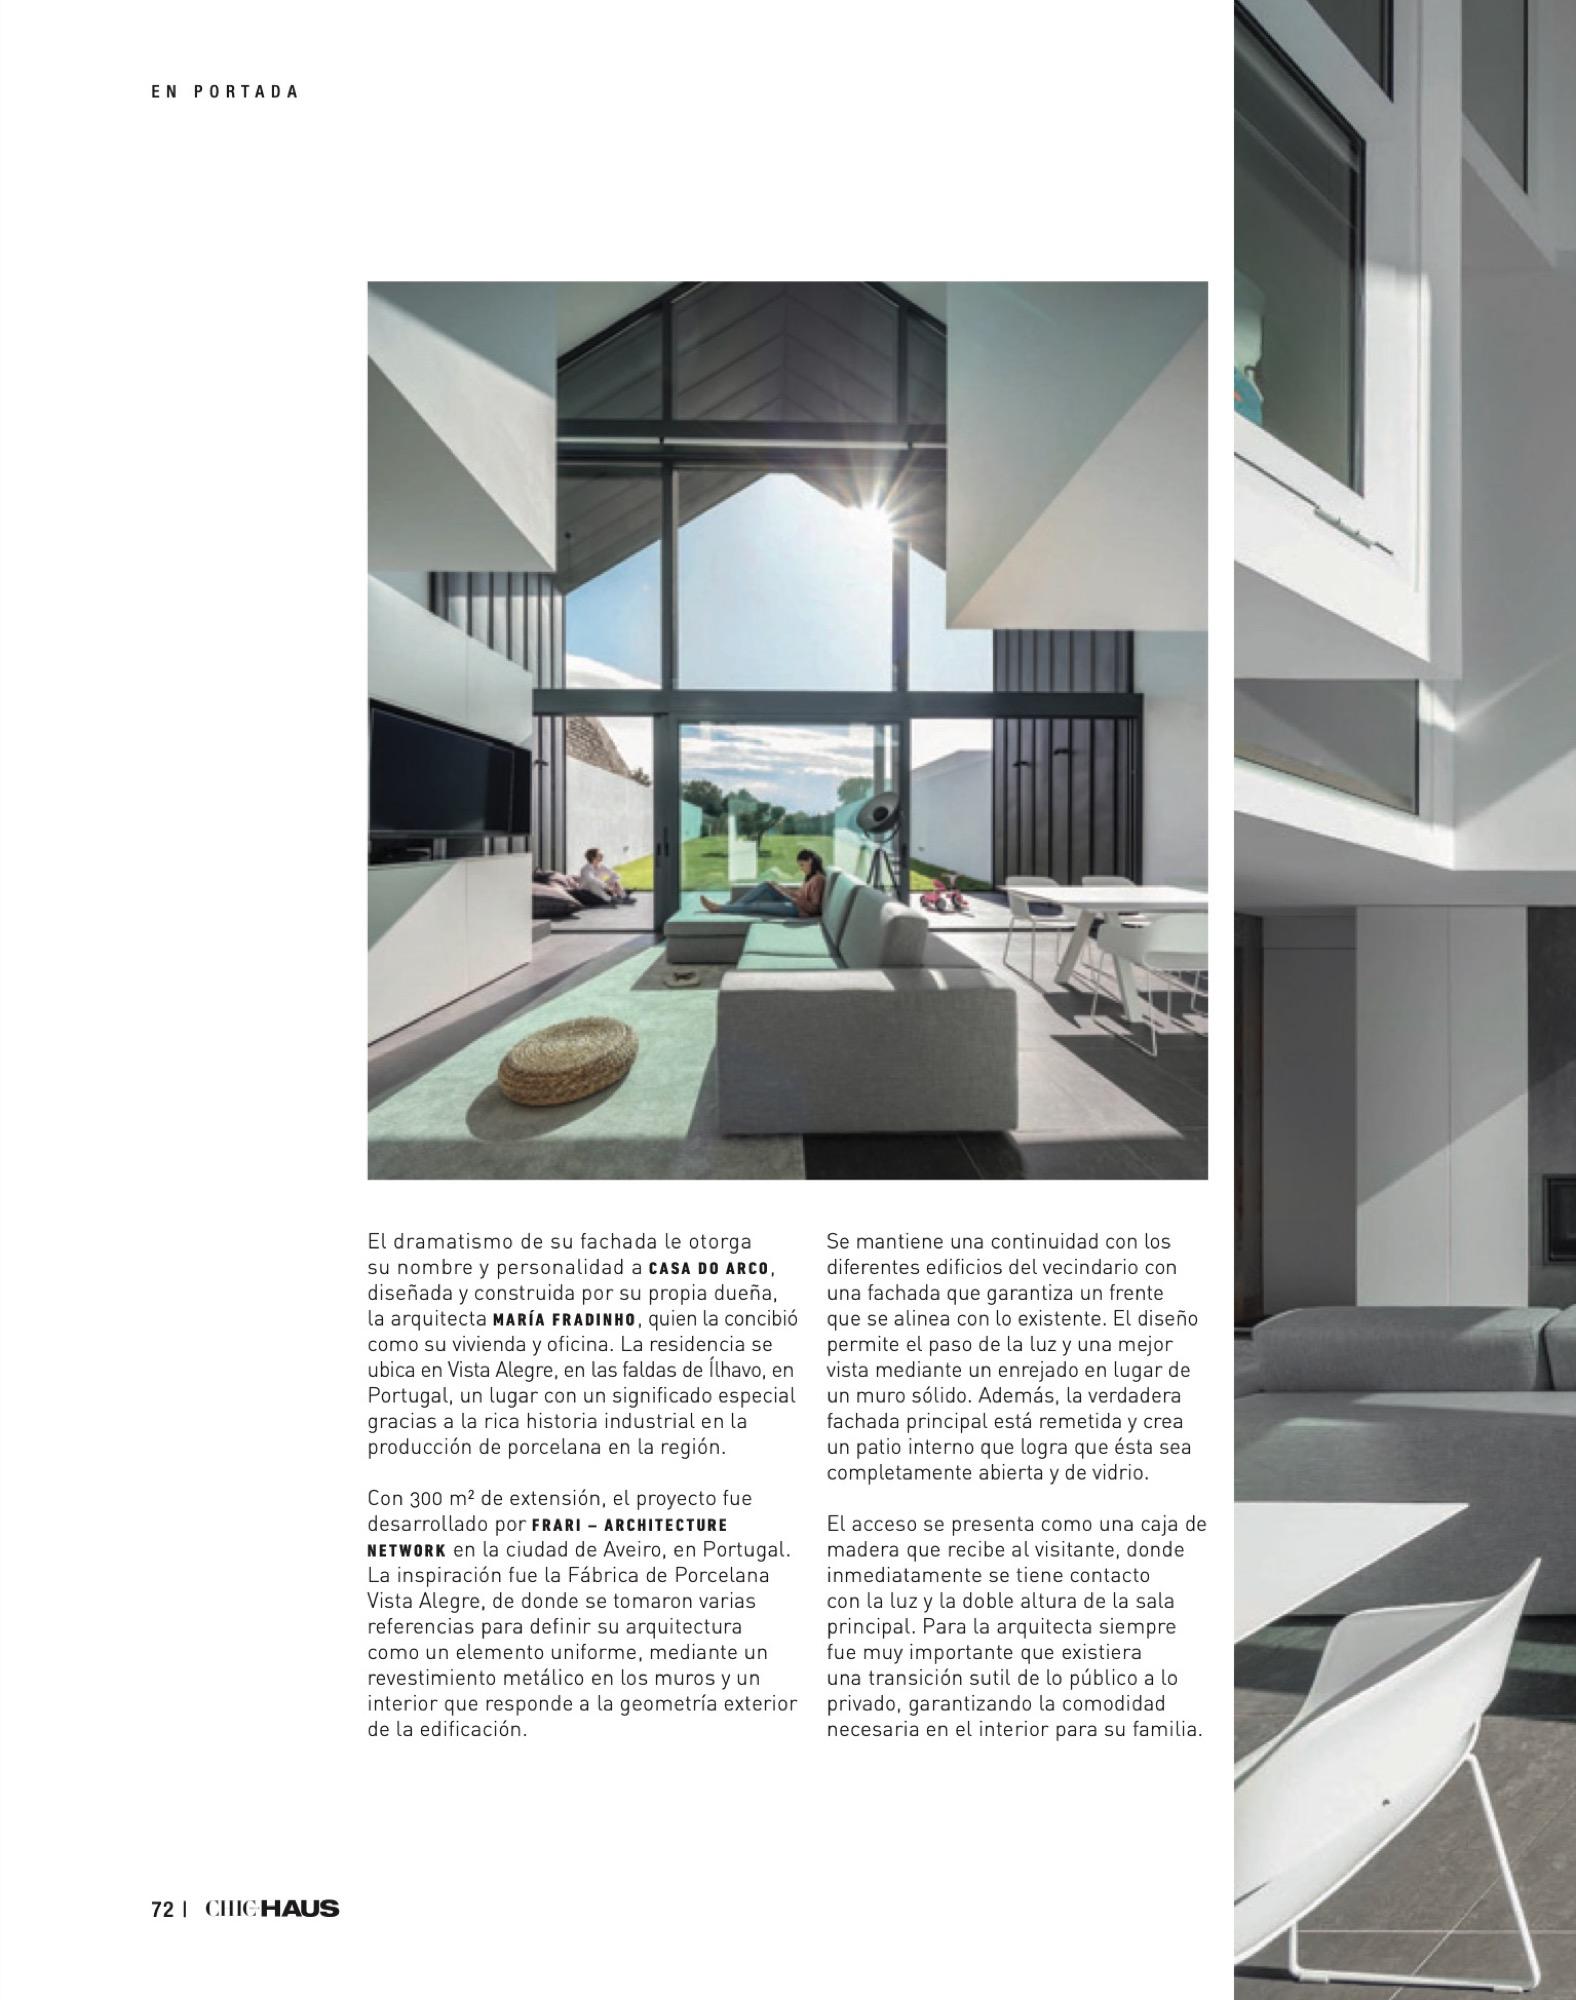 Chic Haus Magazine September Casa Arco Frari Arquitectura 228 72 do fotografo Ivo Tavares Studio